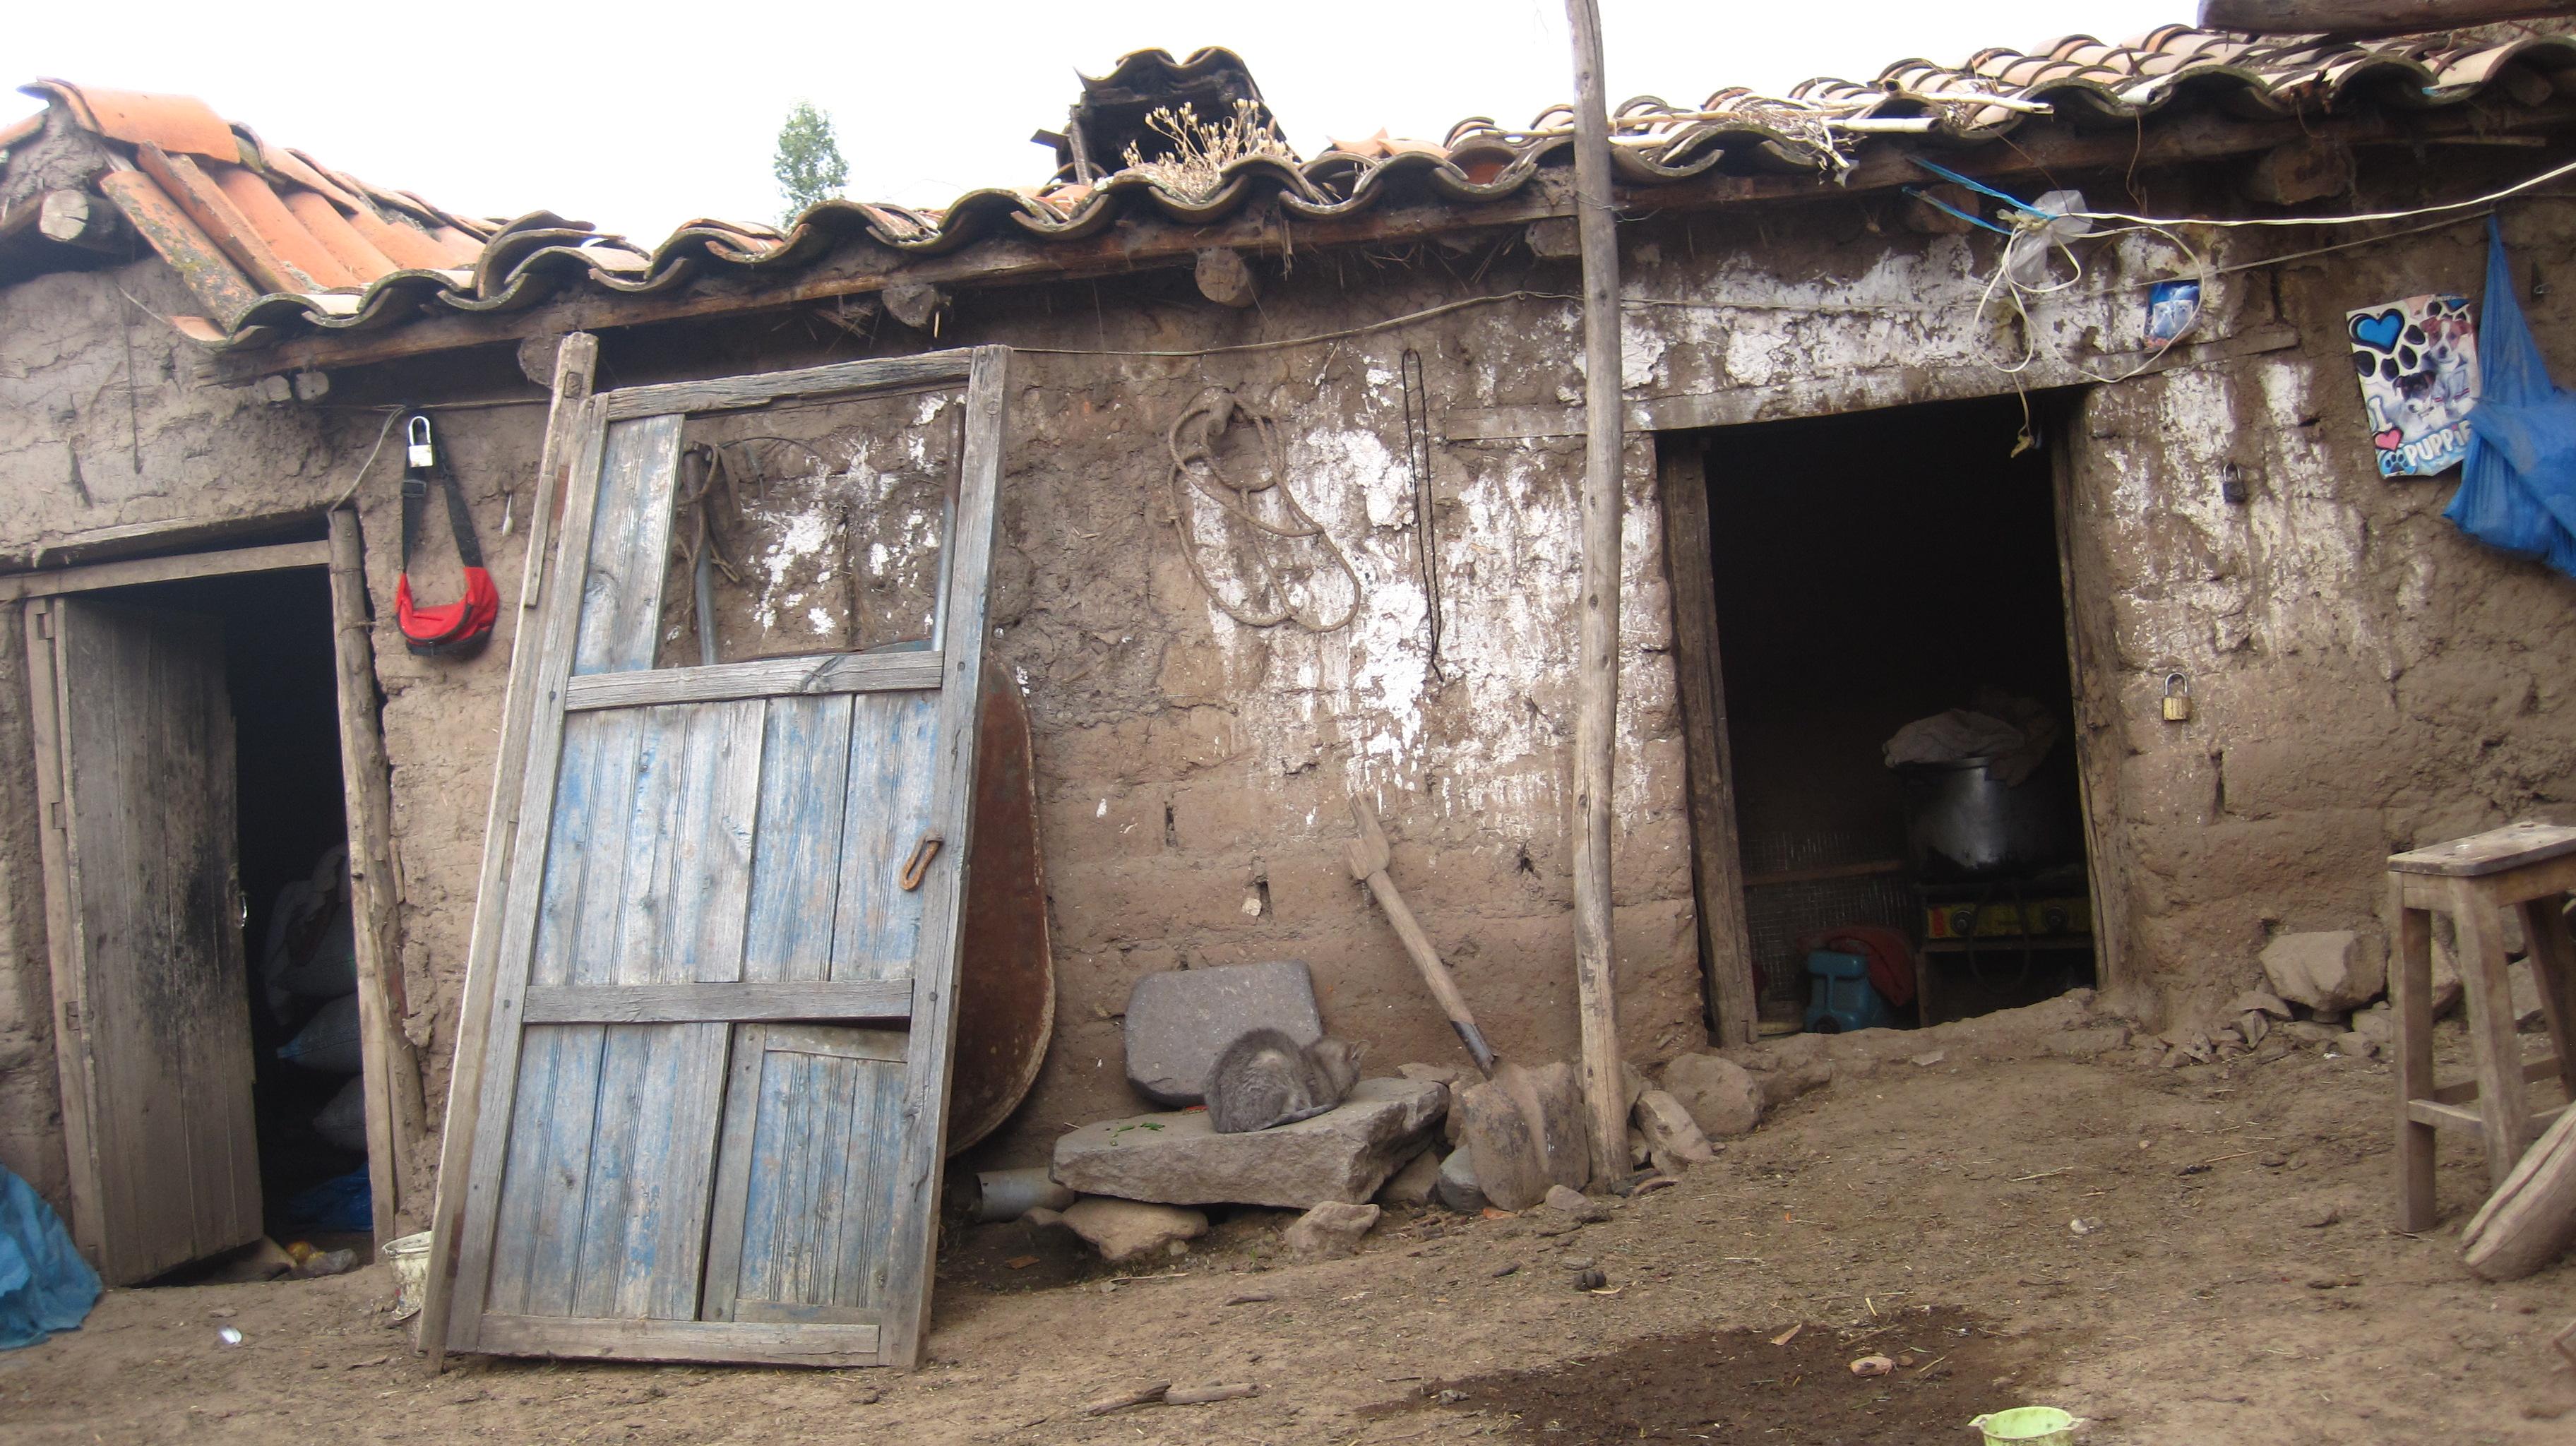 Hut in Pomacanchi (Peru)